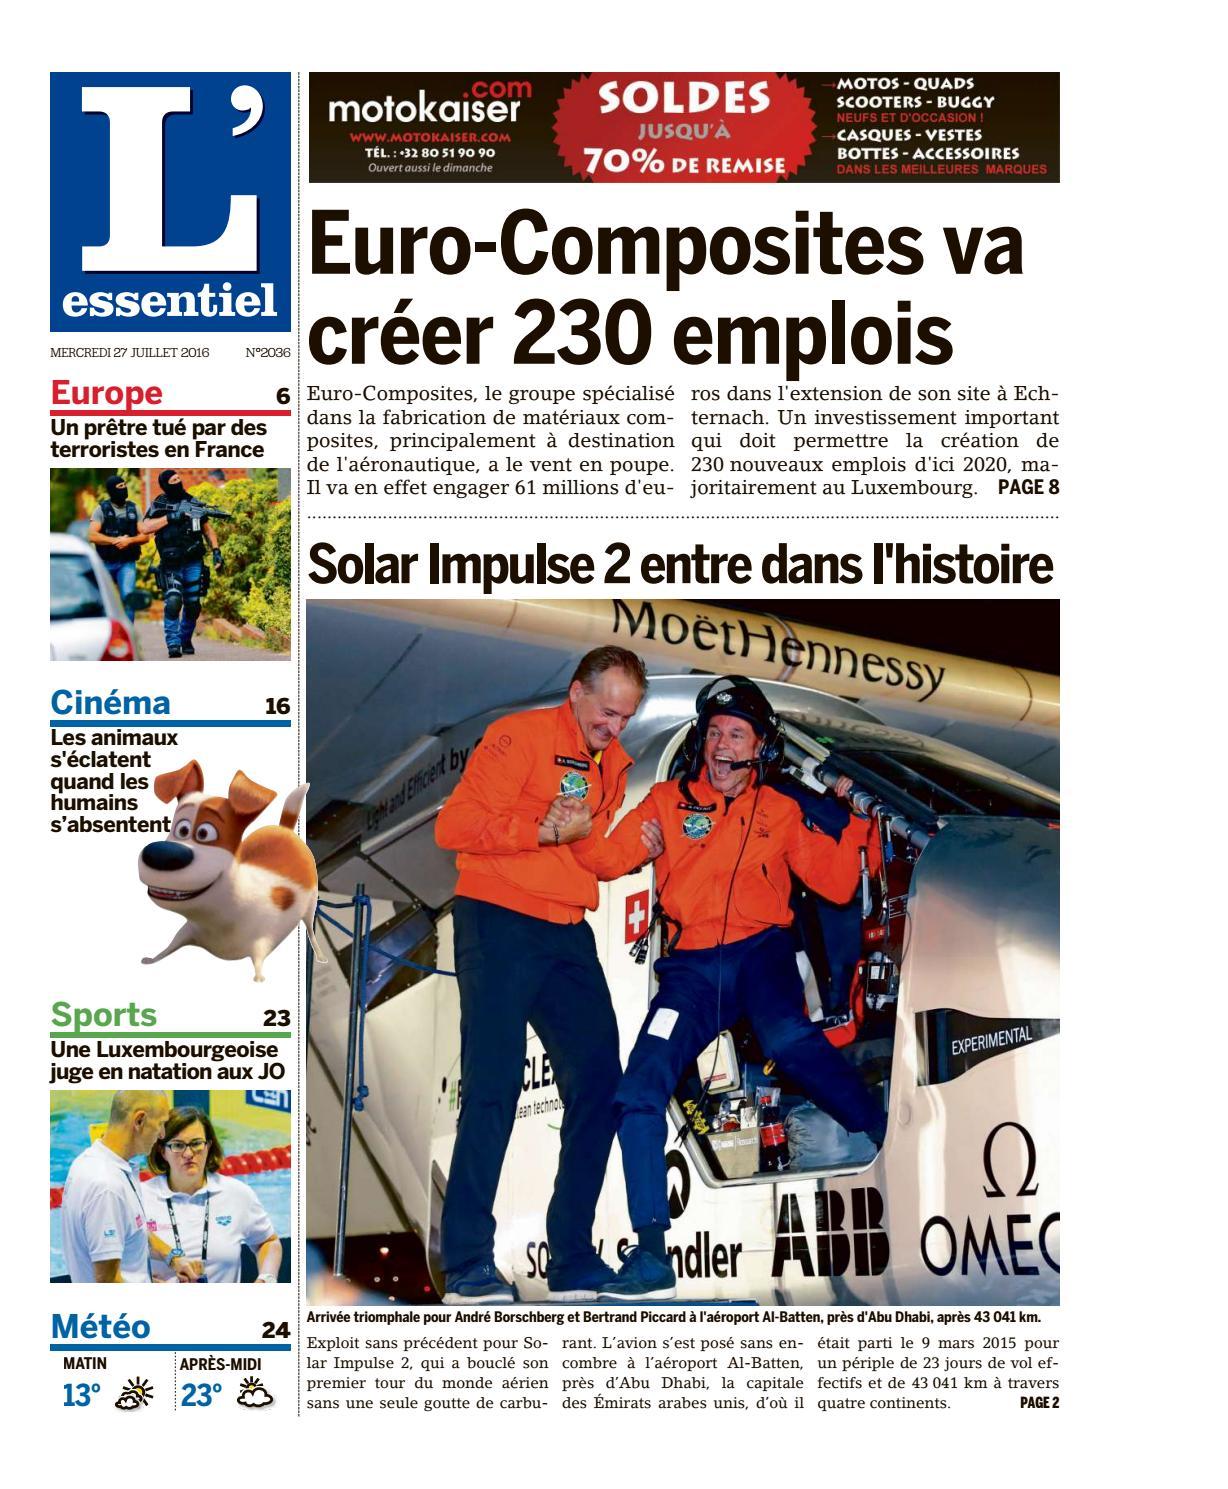 L essentiel epaper 2016-07-27 by L essentiel - issuu cf51c6163b8